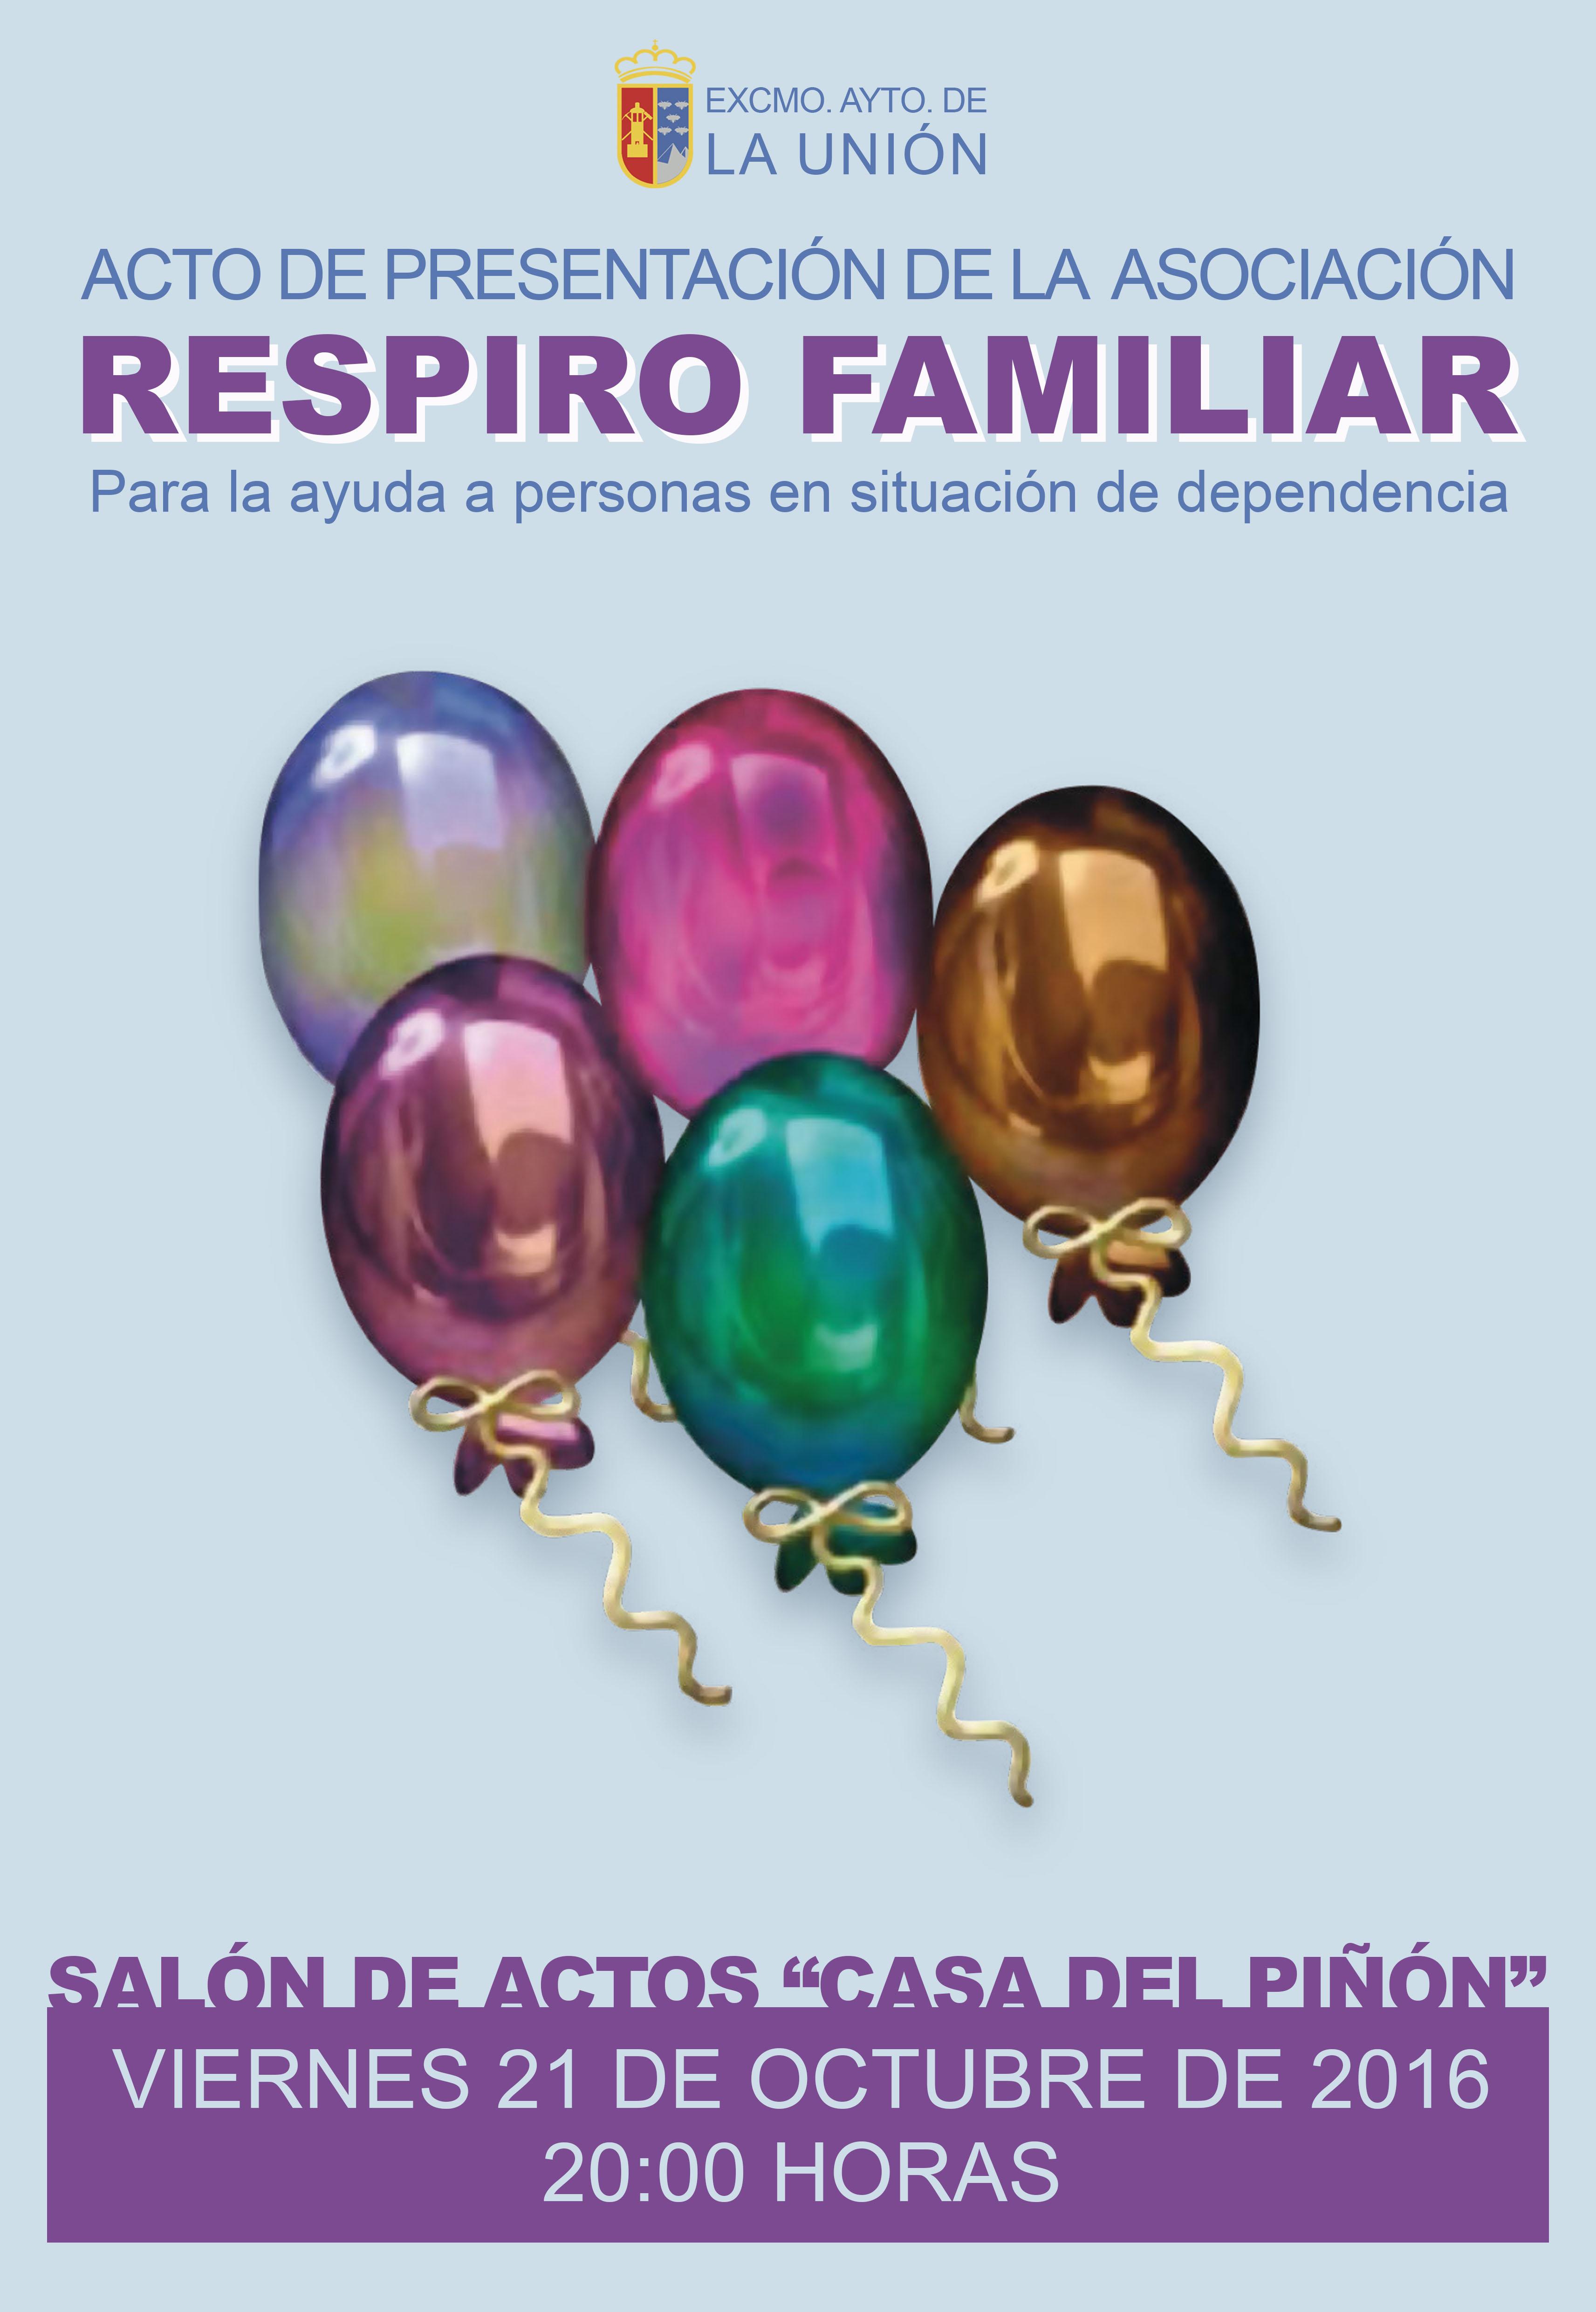 La Asociación Respiro Familiar, una ayuda para los dependientes ...